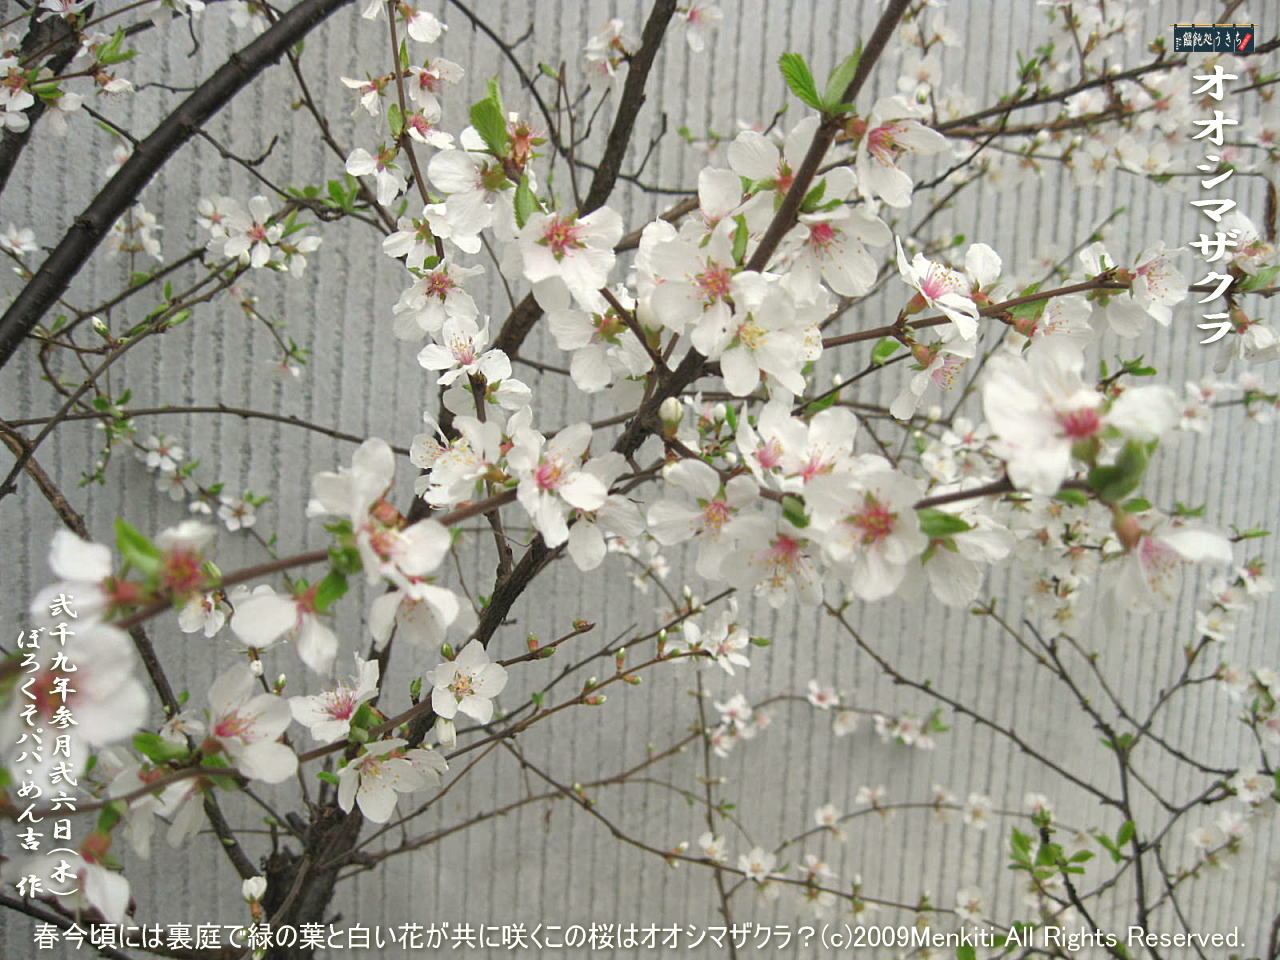 3/26(木)【オオシマザクラ・大島桜】春今頃には裏庭で緑の葉と白い花が共に咲くこの桜はオオシマザクラ?@キャツピ&めん吉の【ぼろくそパパの独り言】     ▼クリックで1280x960pxlsに拡大します。